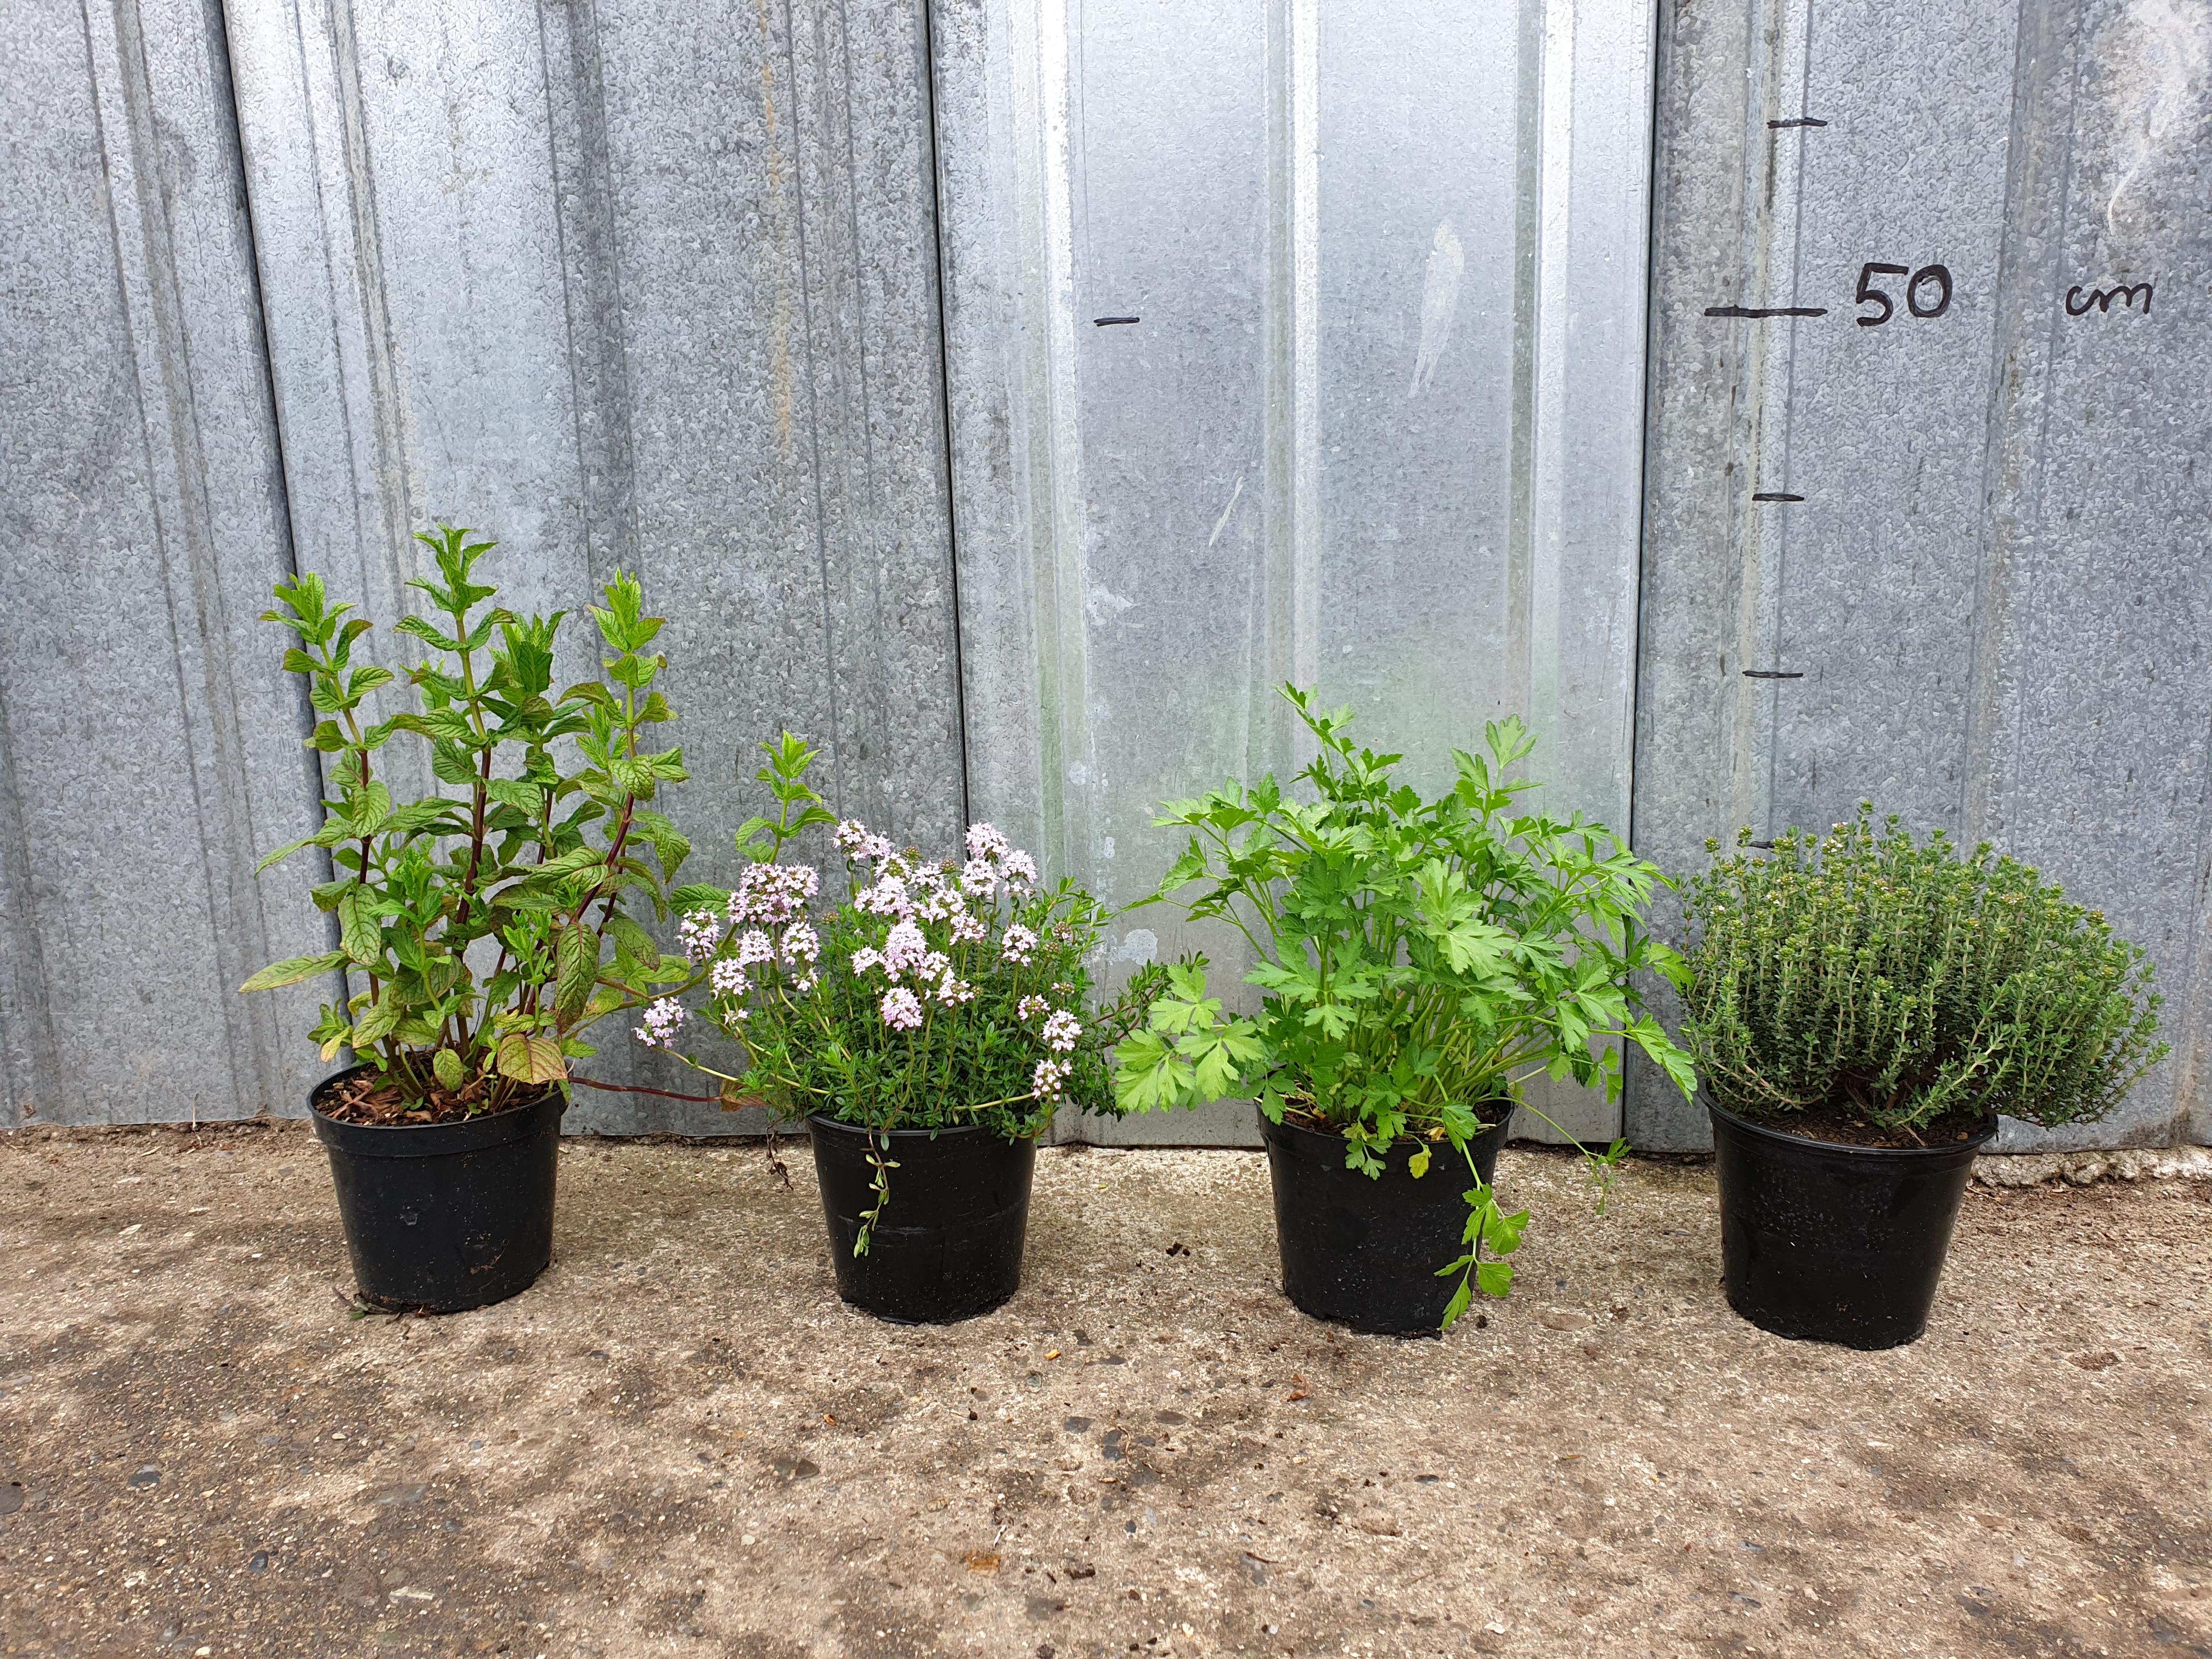 Plantes aromatiques 1 litre